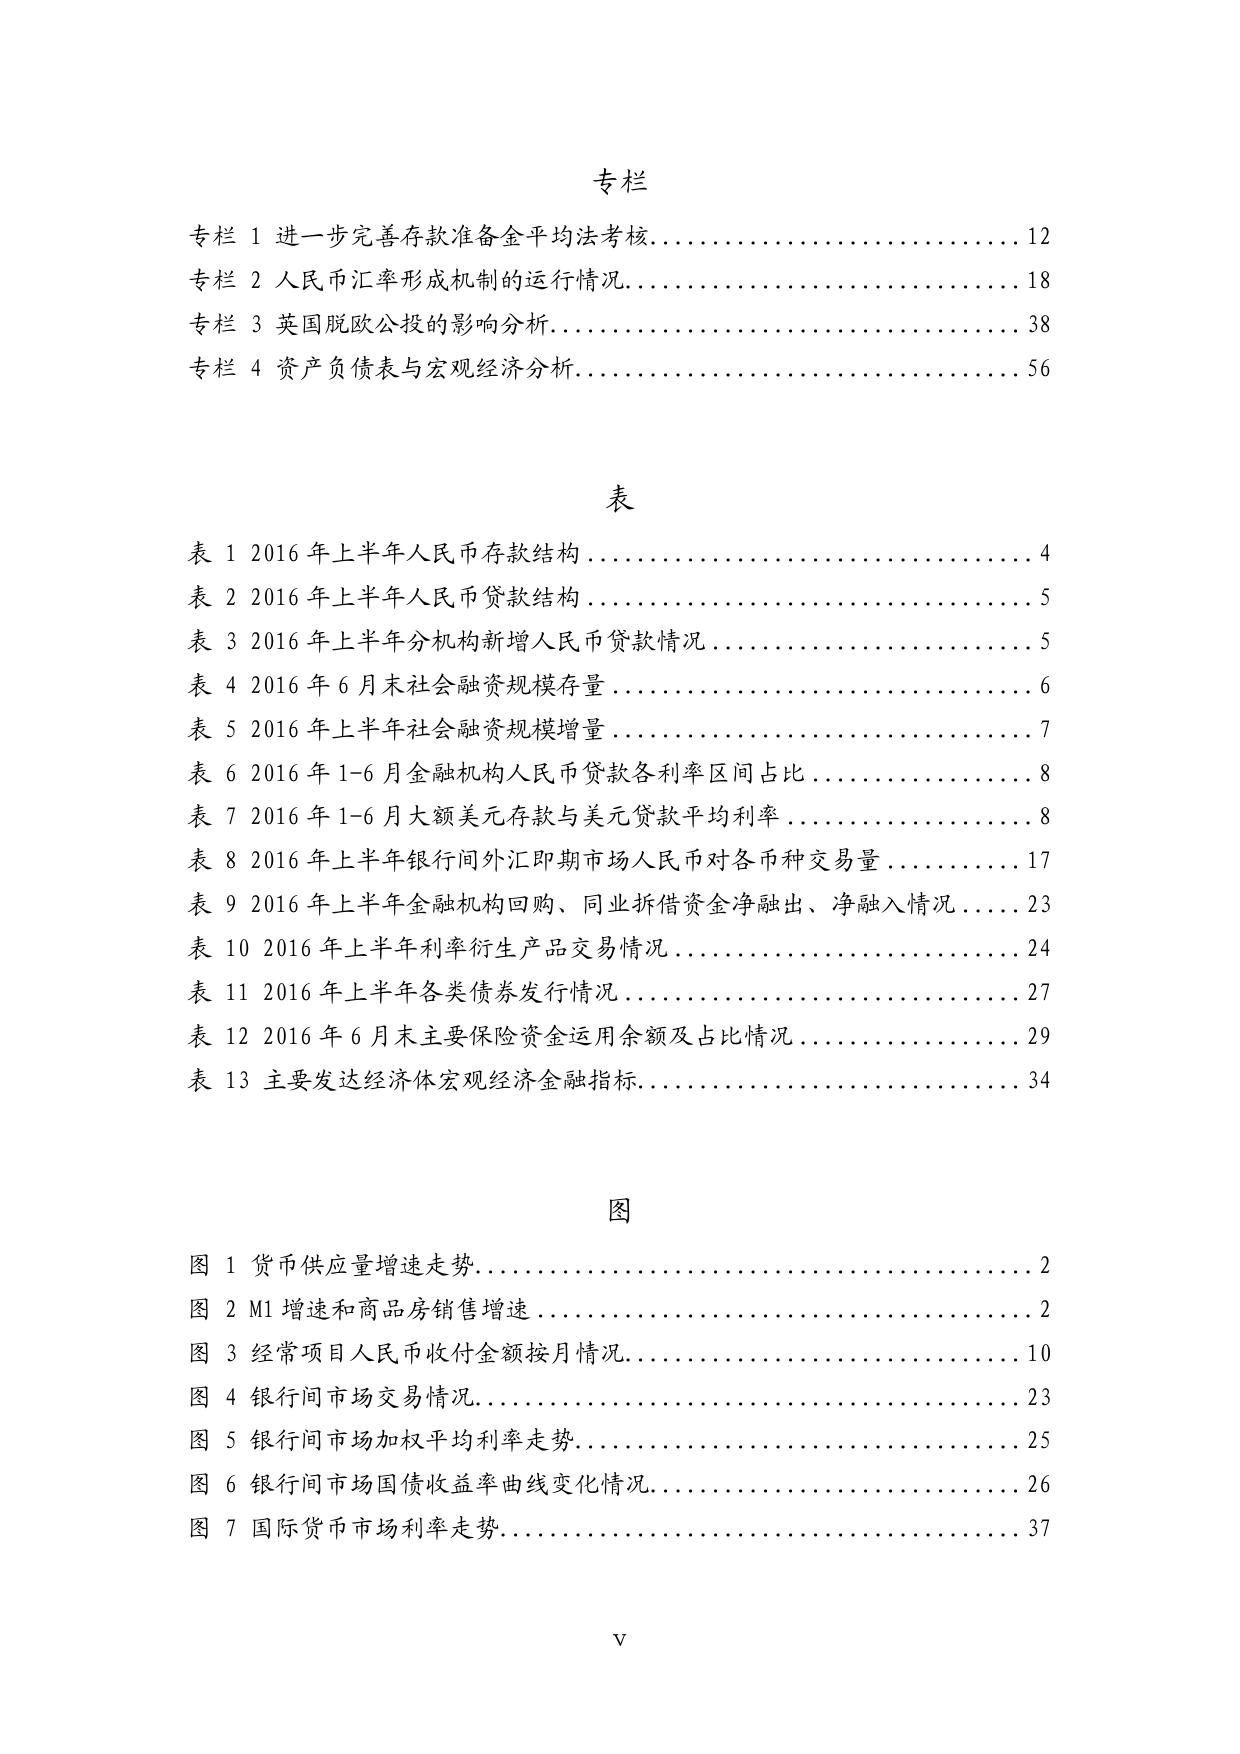 2016年Q2中国货币政策执行报告_000006